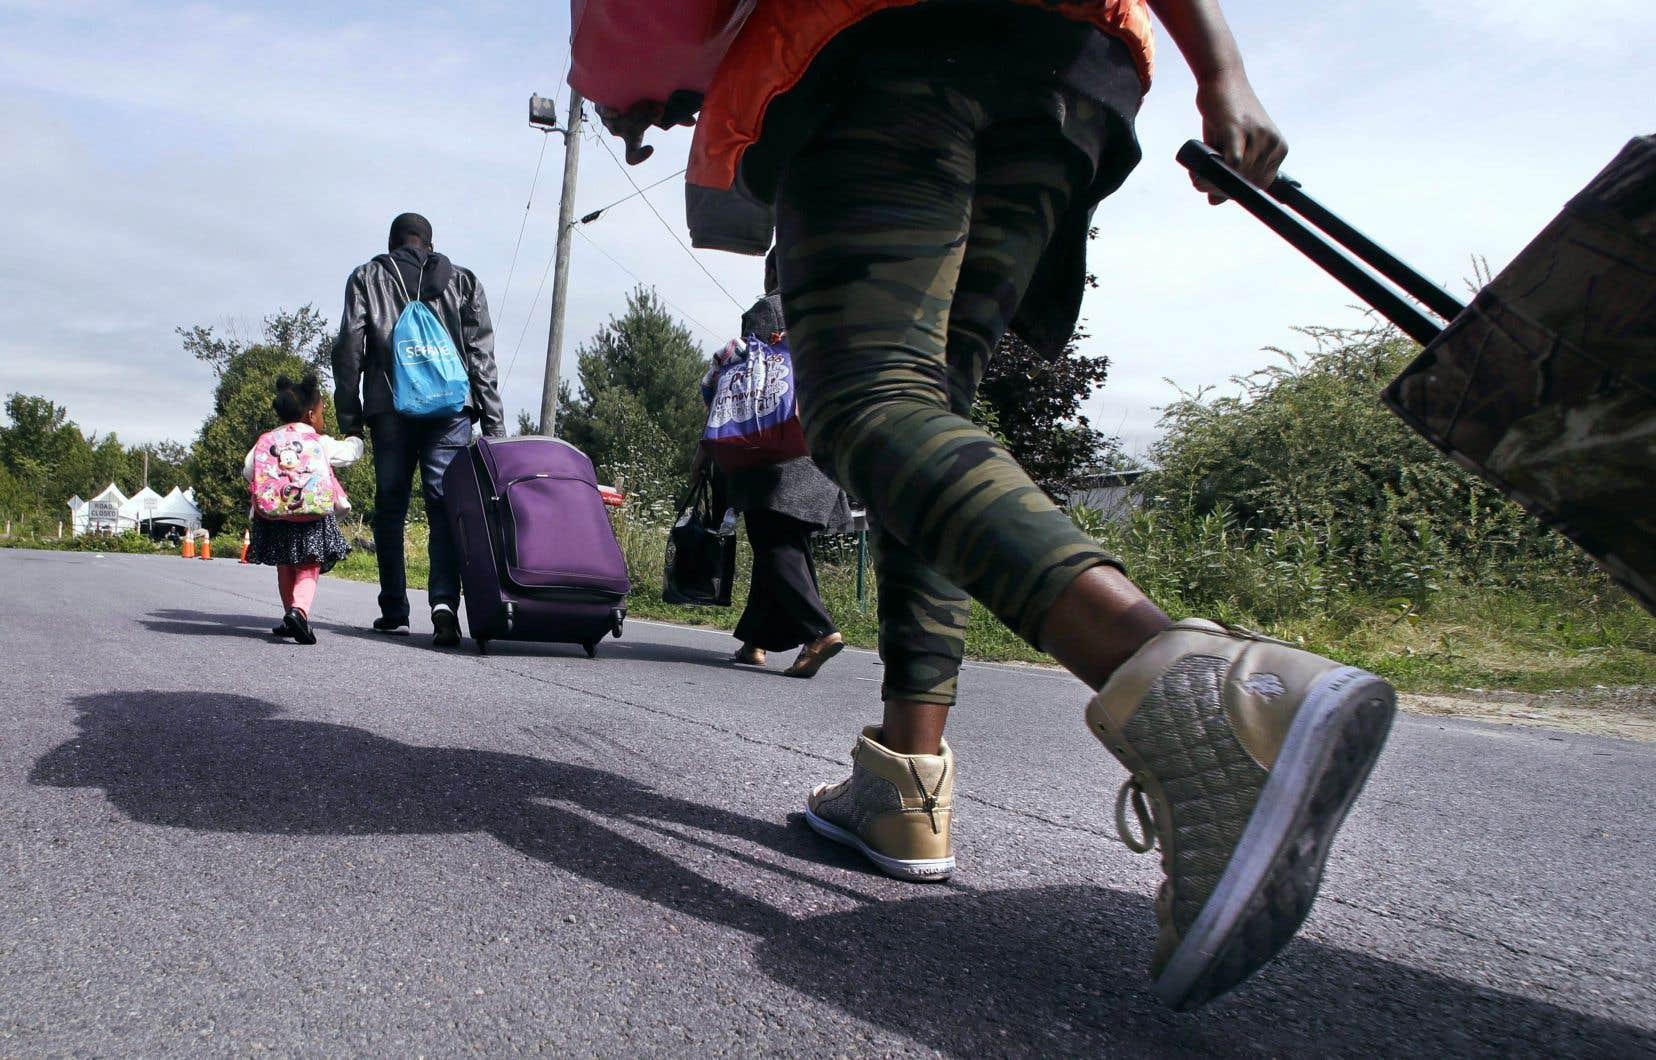 Entre le 1erjanvier 2017 et le 31mars 2018,plus de 5000 demandeurs d'asile ont voulu traverser la frontière hors des postes frontaliers.